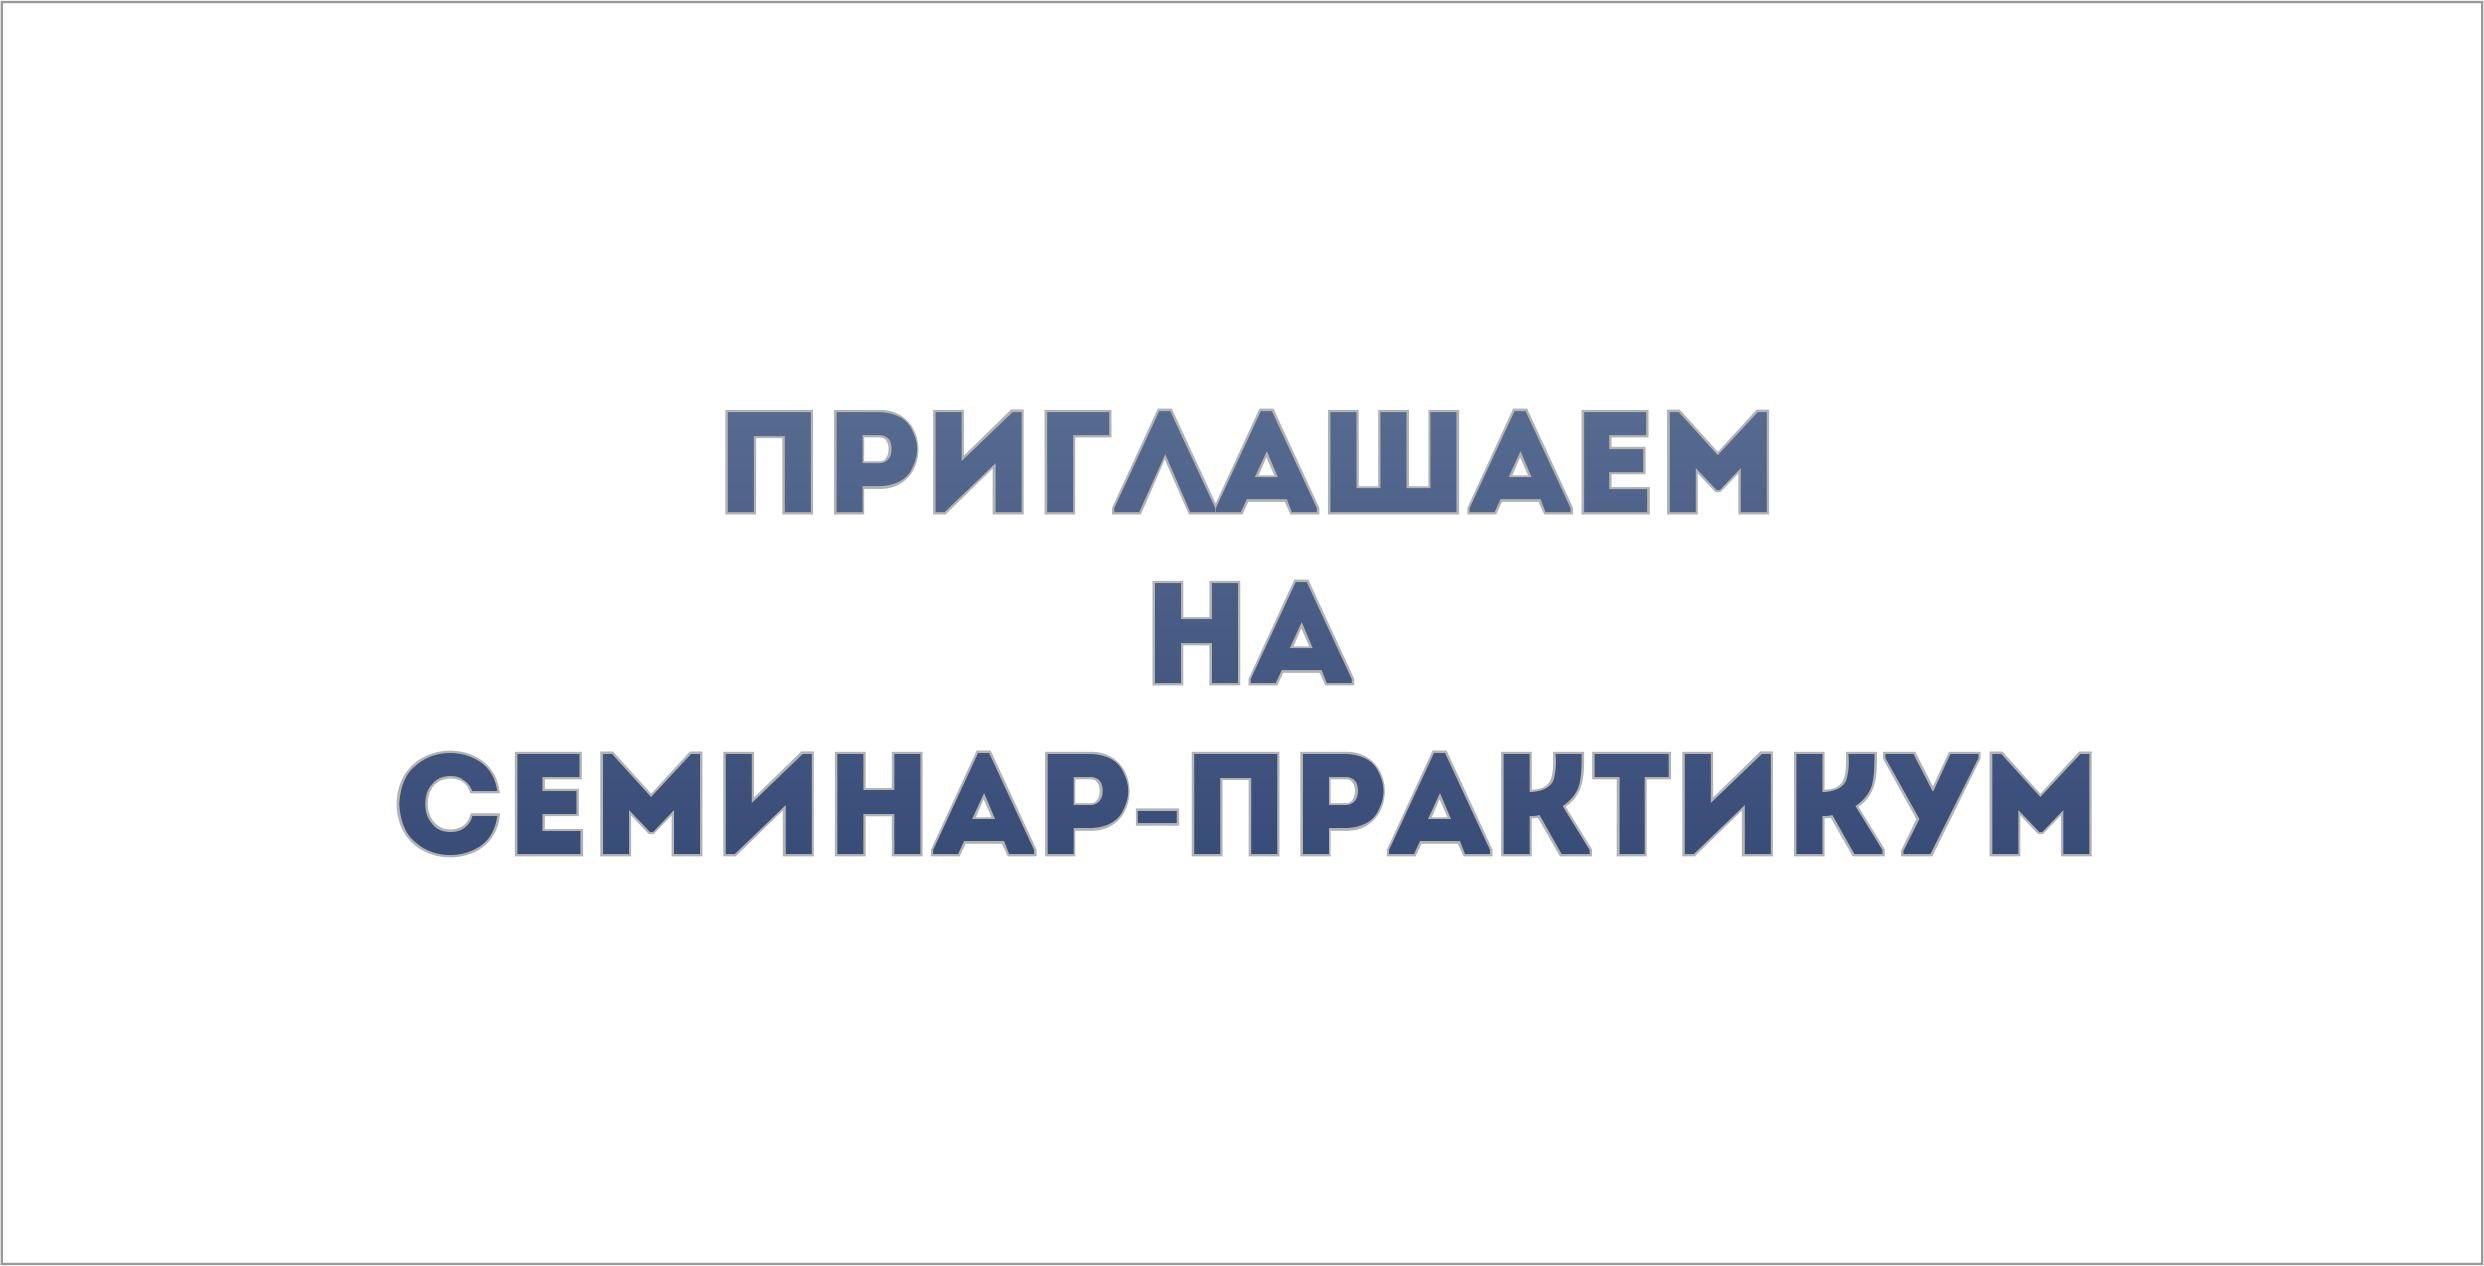 семинар-практикум заведующих филиалами централизованных клубных систем и объединений